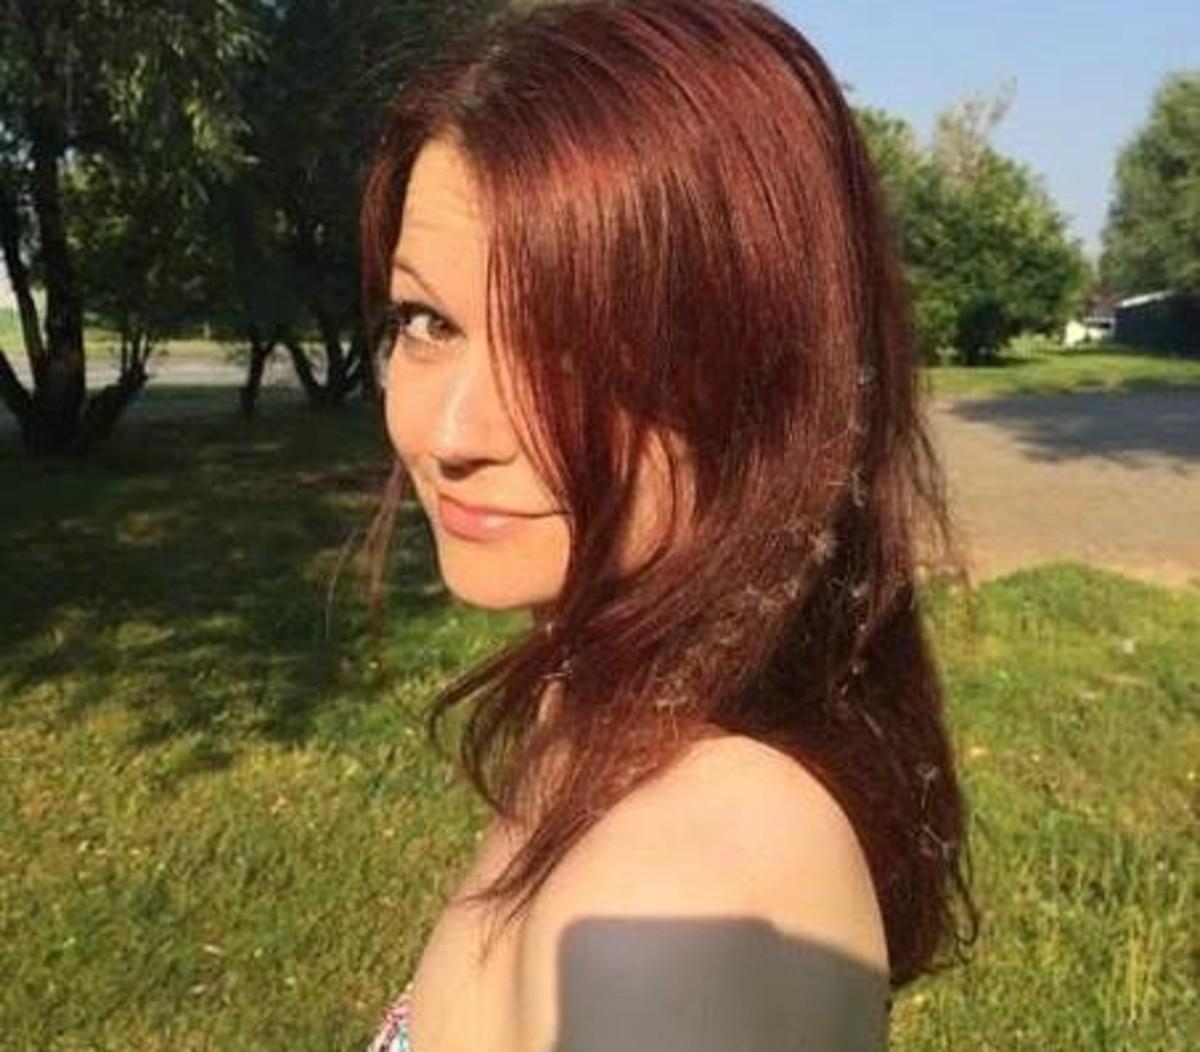 Υπόθεση Σκριπάλ: Ξύπνησε για λίγο η Γιούλια – Φόβοι για εγκεφαλική βλάβη